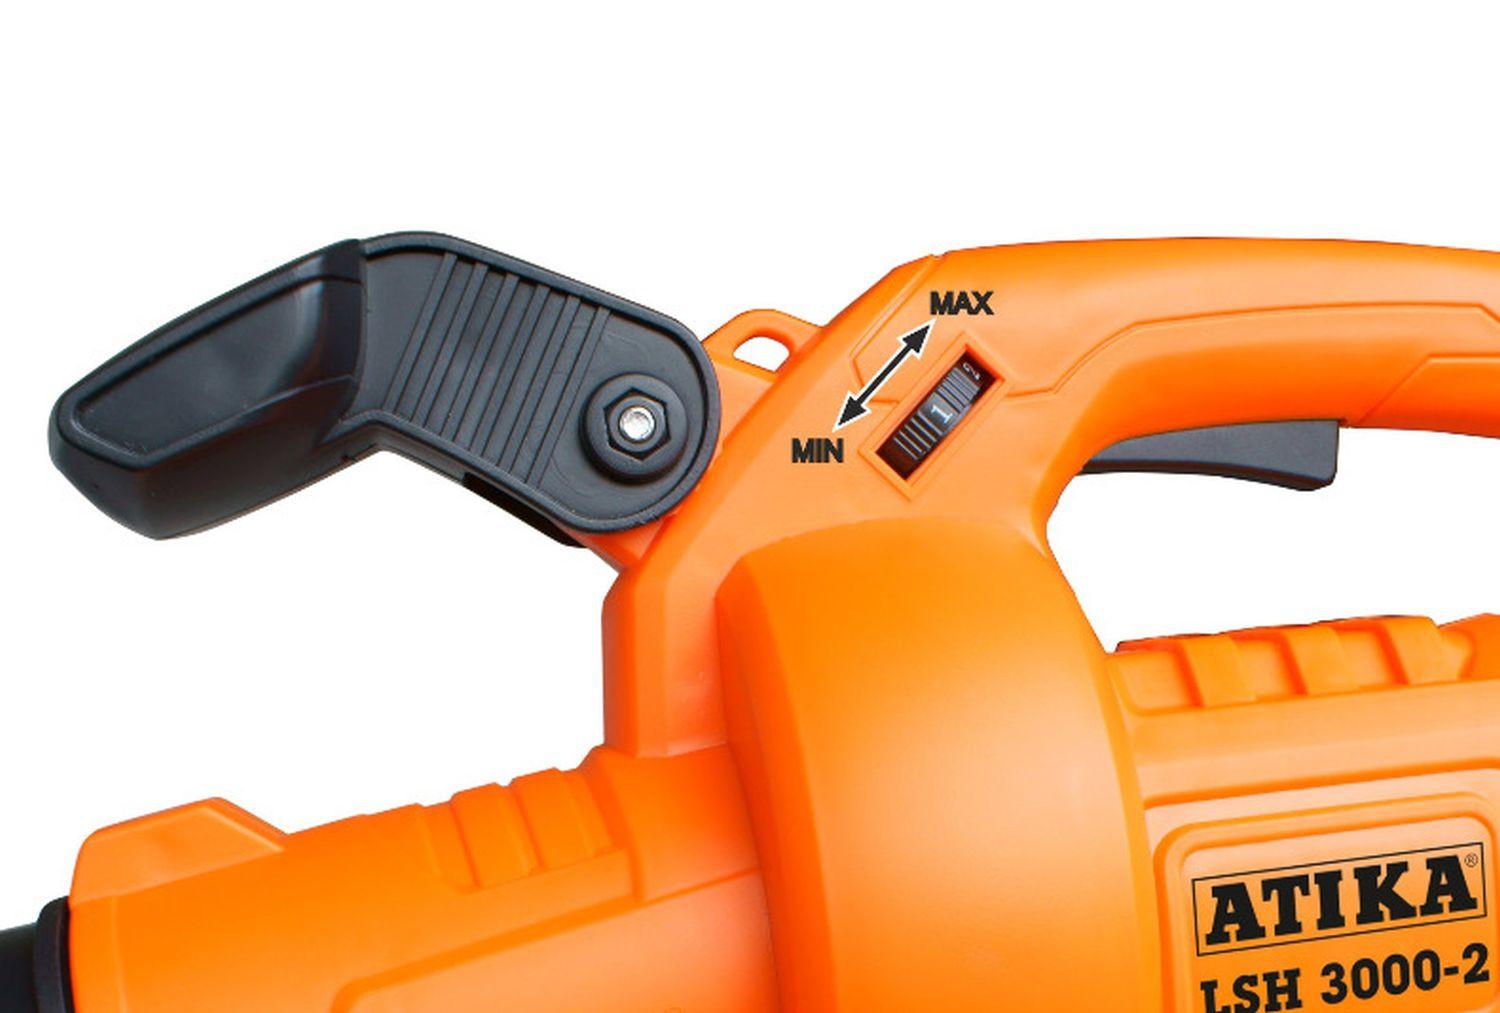 Elektro Laubsauger ATIKA LSH 3000-2 der starke Helfer bei der Gartenpflege